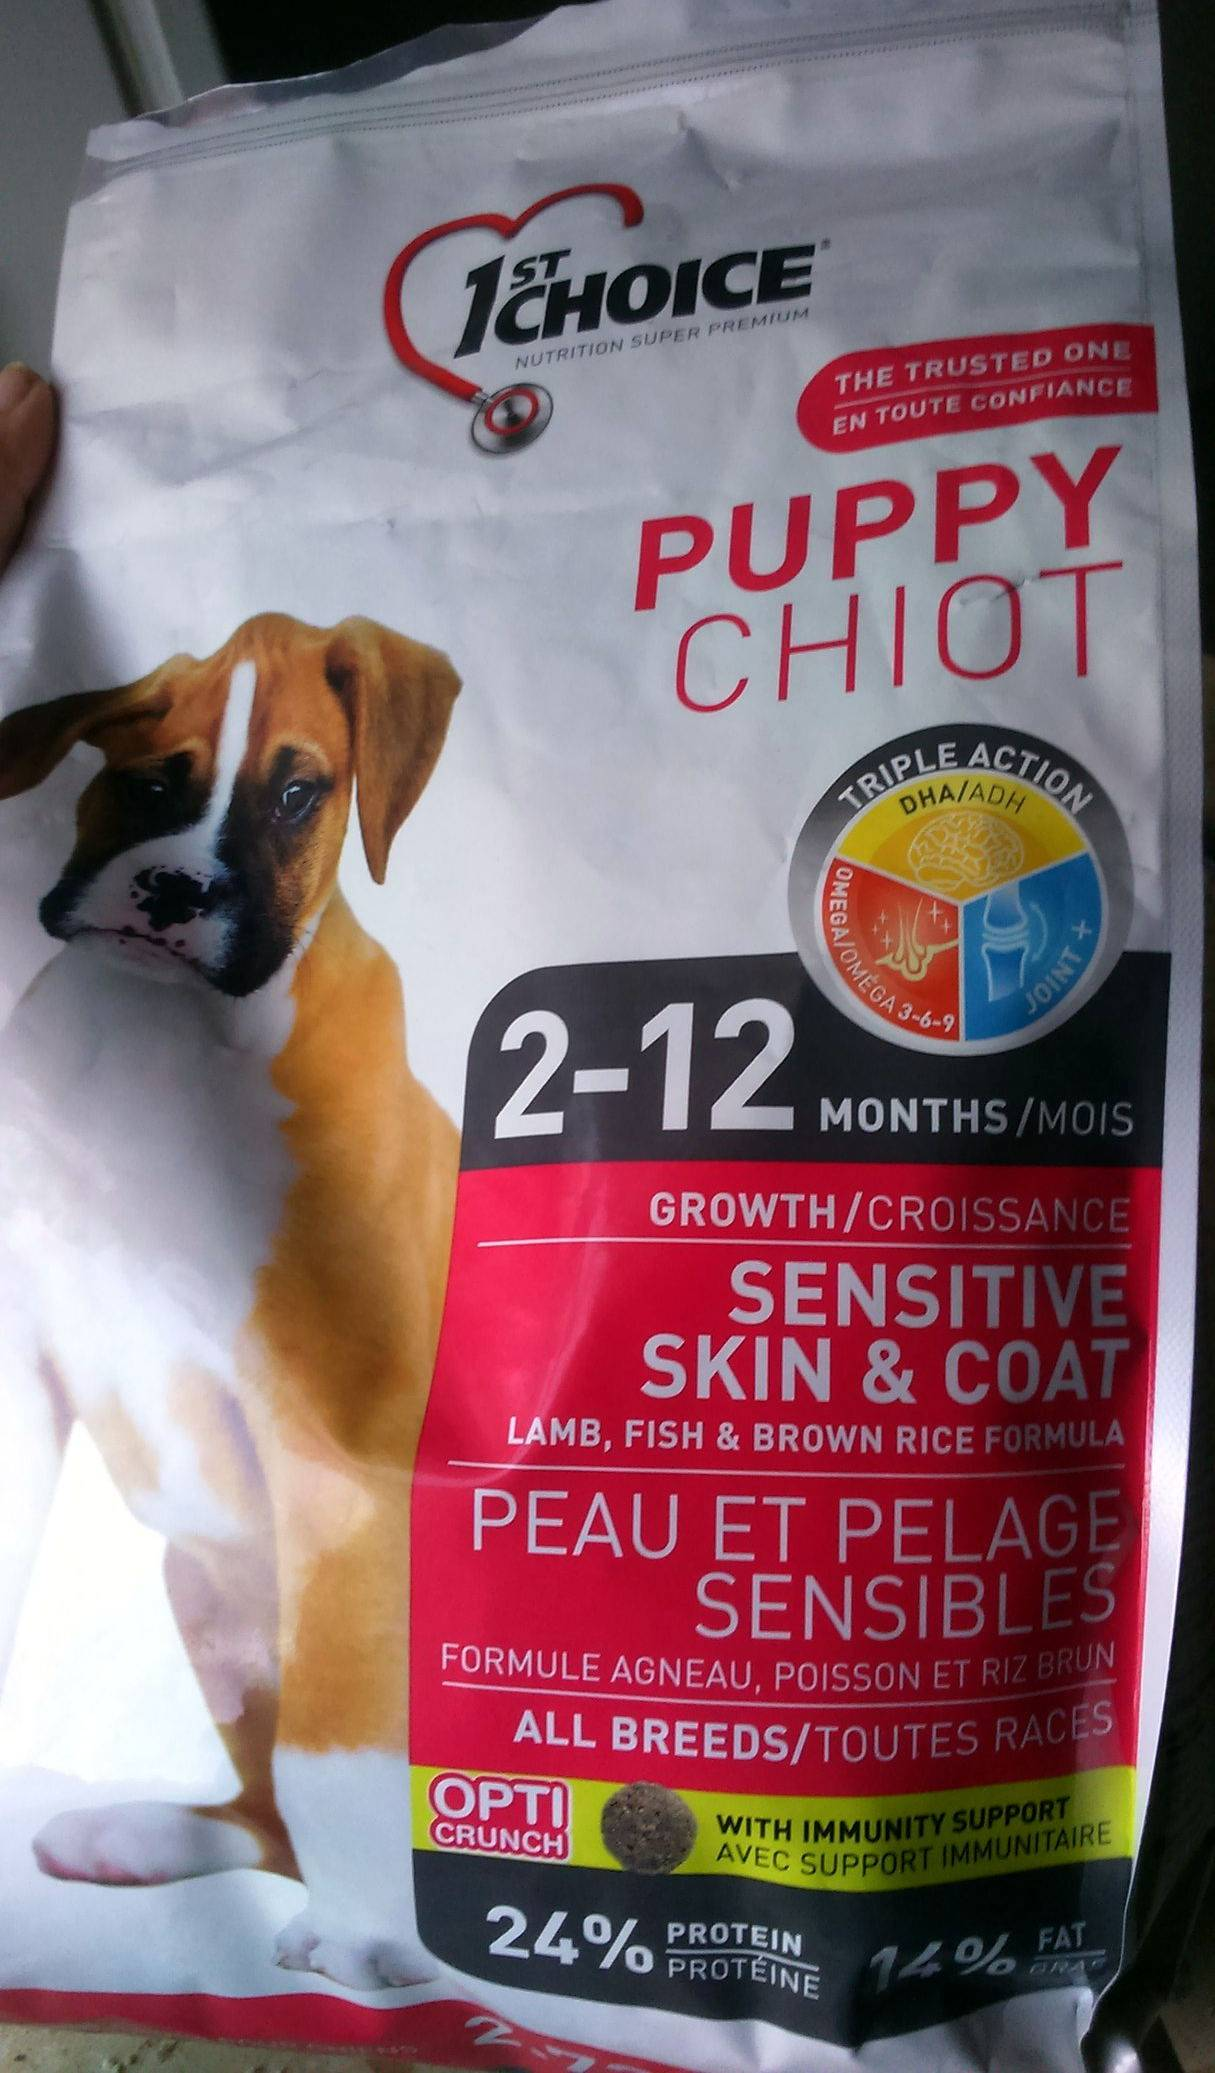 Корм для собак 1st choice: отзывы ветеринаров и состав